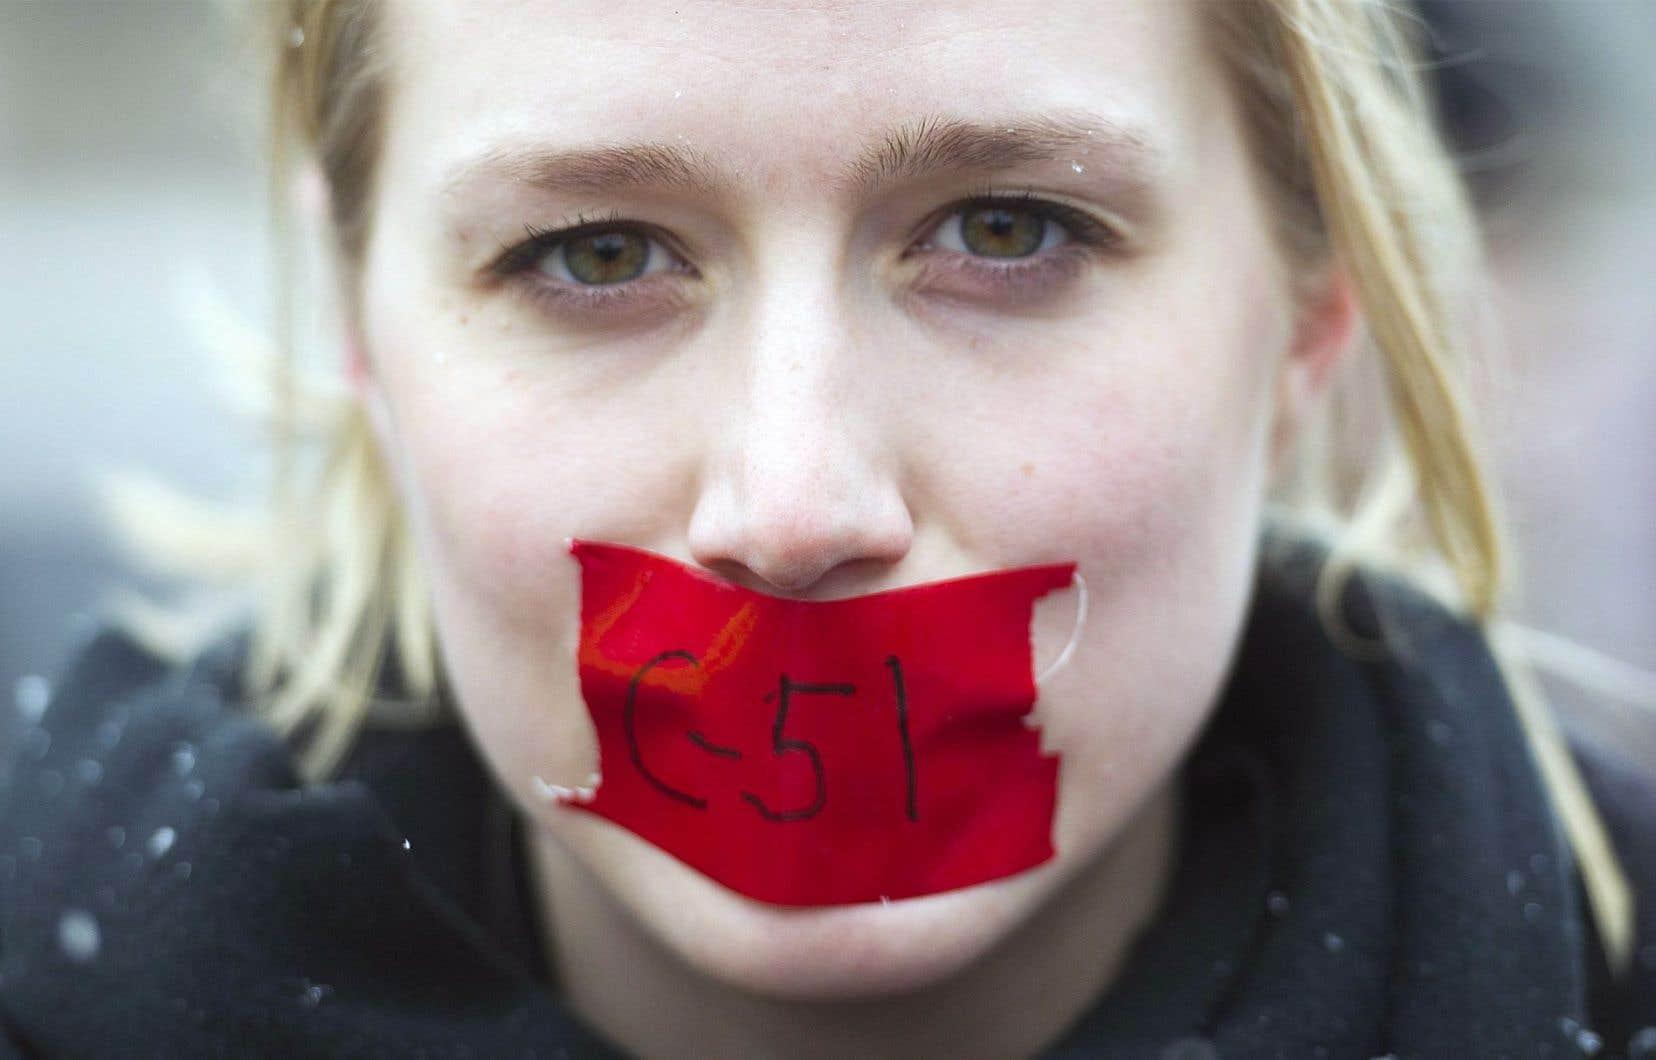 Le regroupement d'avocats craint une chasse au discours politique.<br />